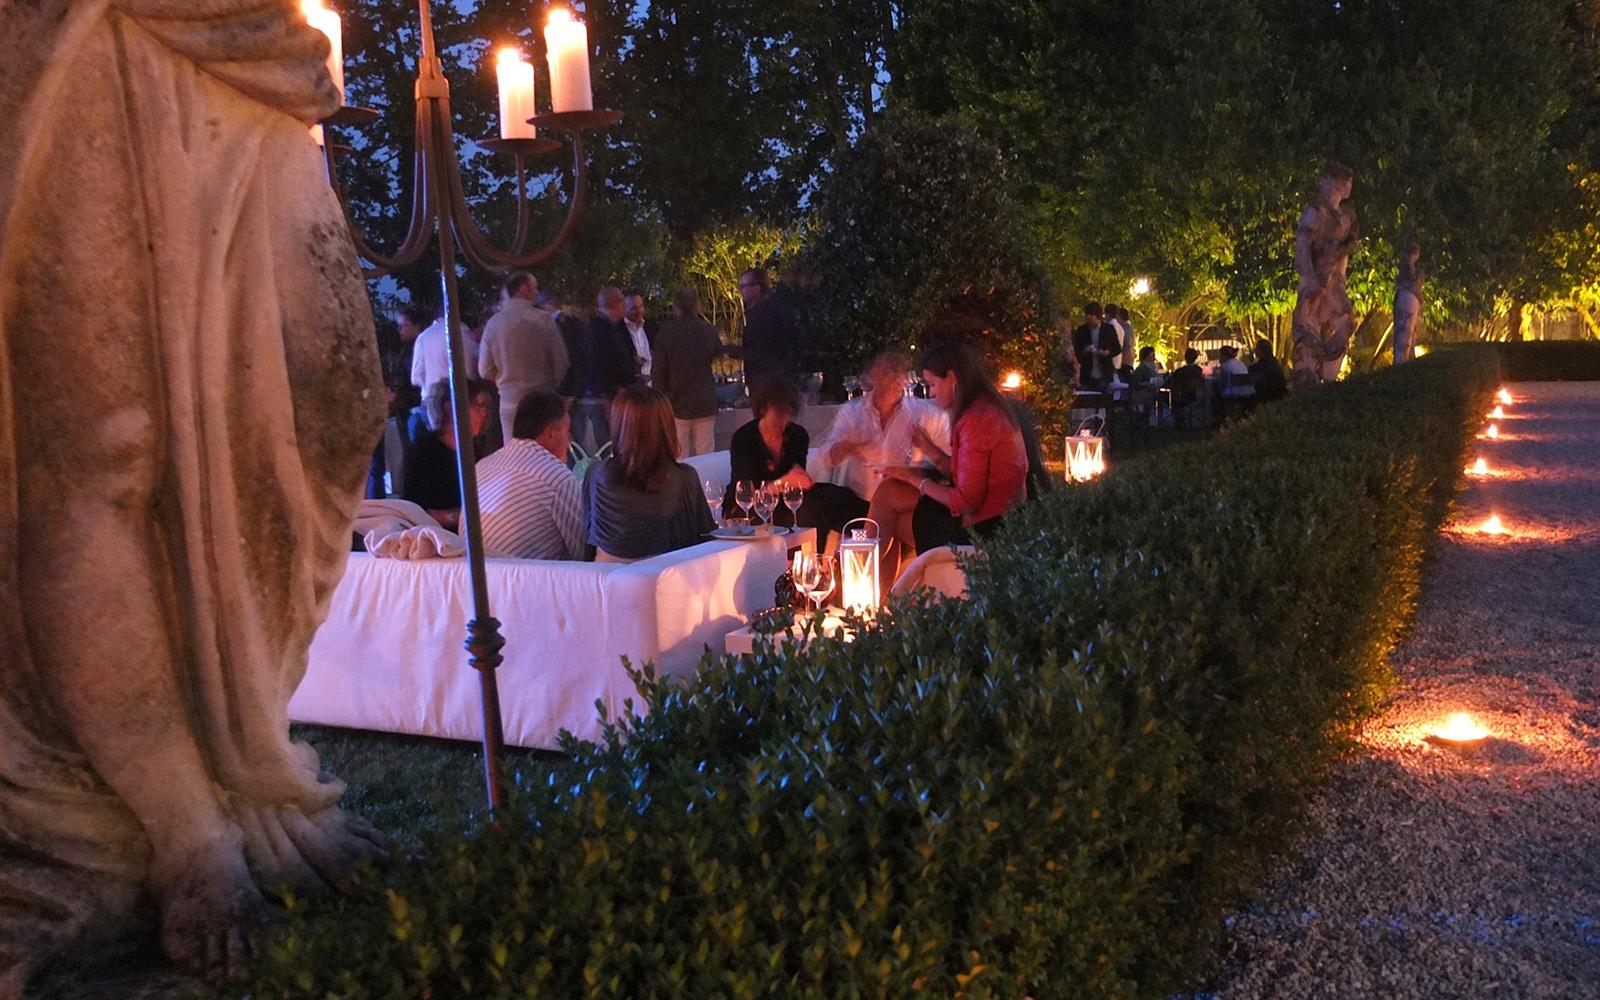 giardino esterno per eventi Vicenza, spazio esterno per eventi Vicenza, giardino esterno matrimonio Vicenza, giardino esterno matrimonio Padova, giardino esterno matrimoni Vicenza